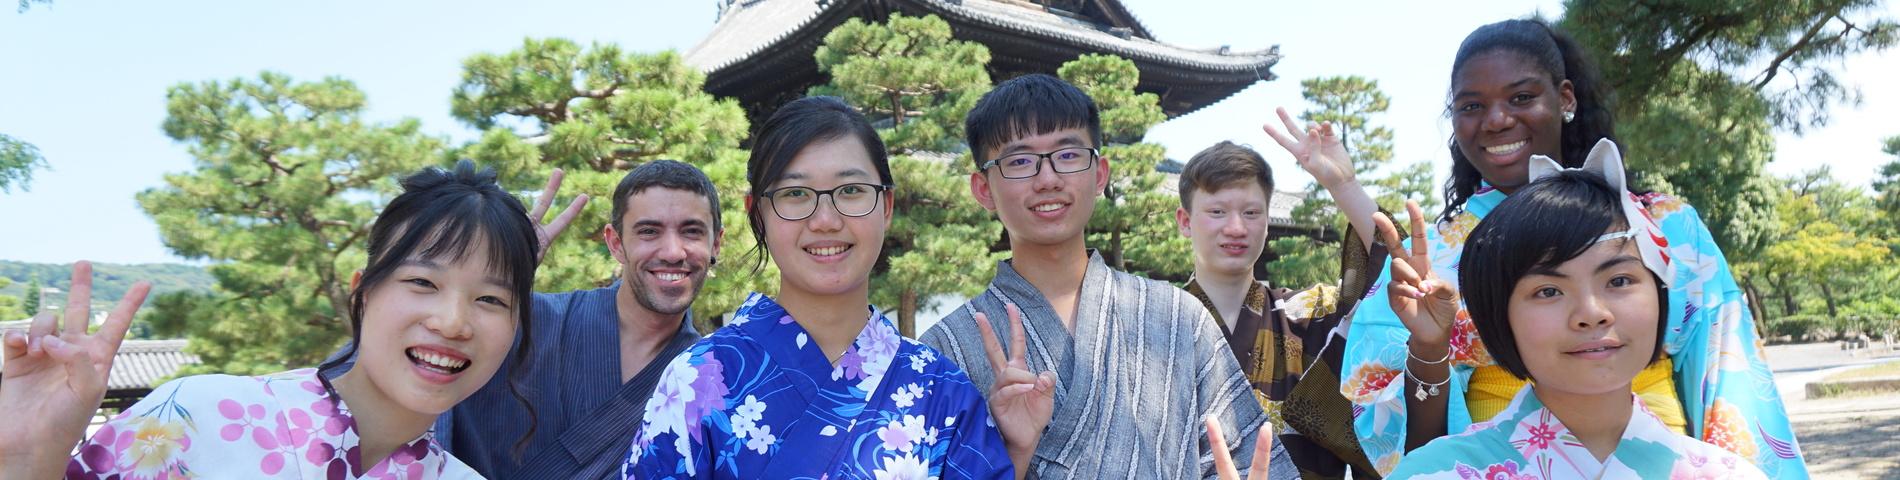 Kyoto JaLS Bild 1